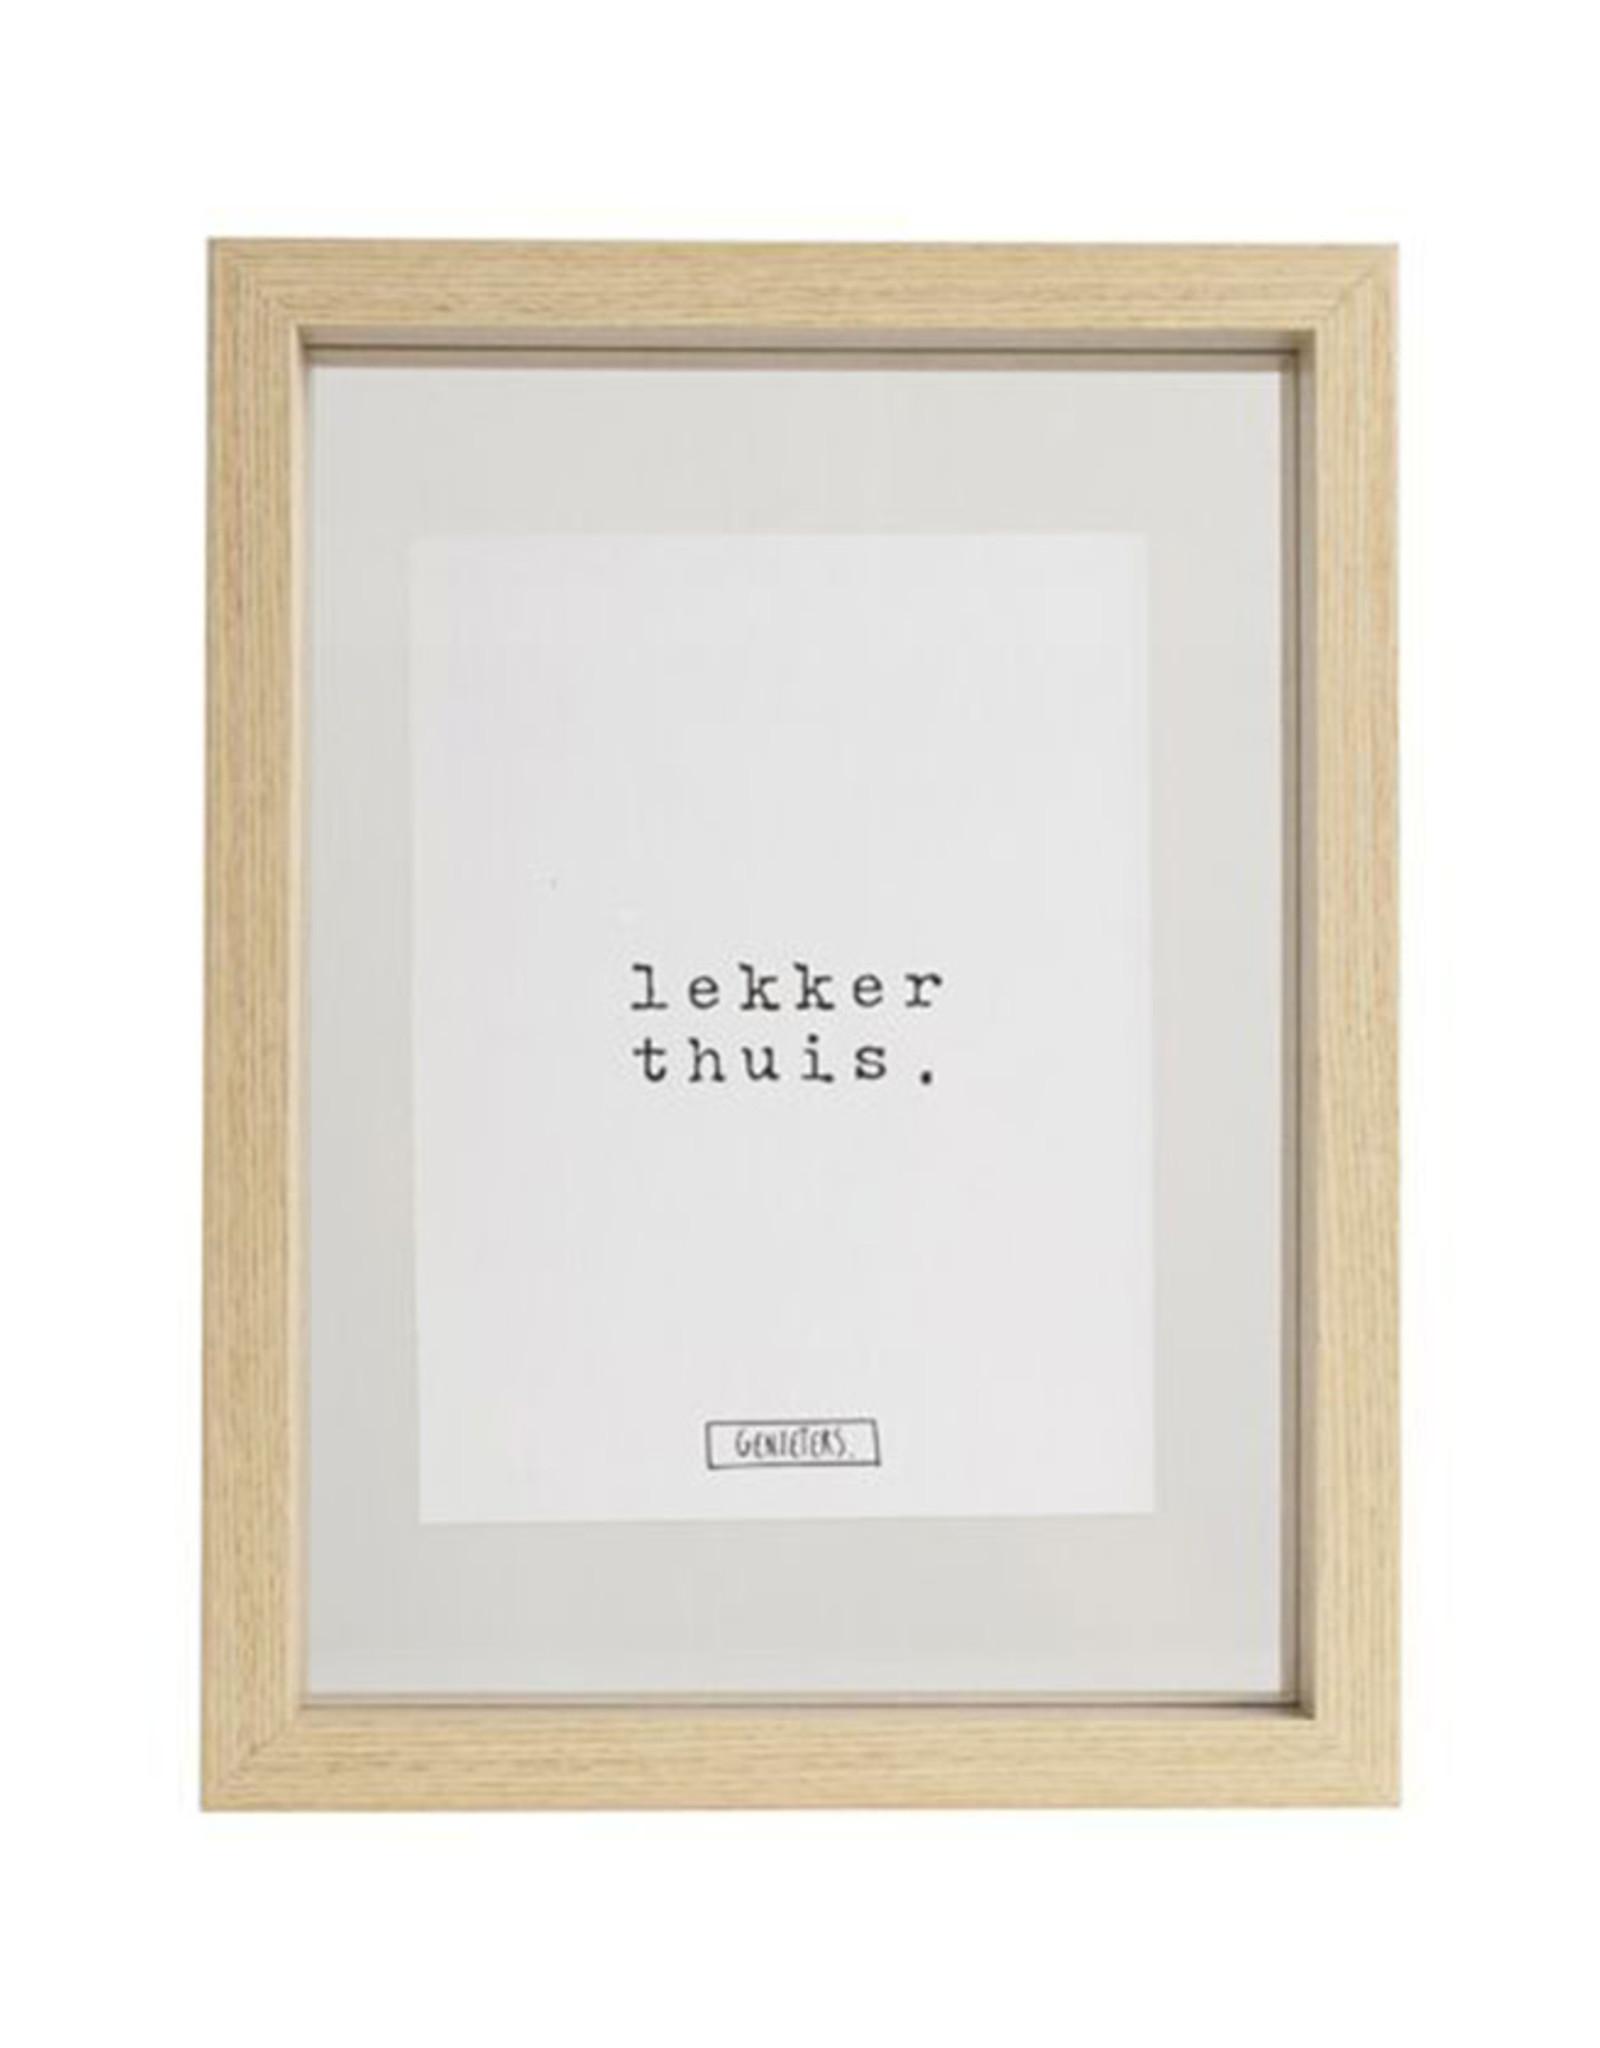 Fotolijst 17x22cm-geniet/lekker thuis